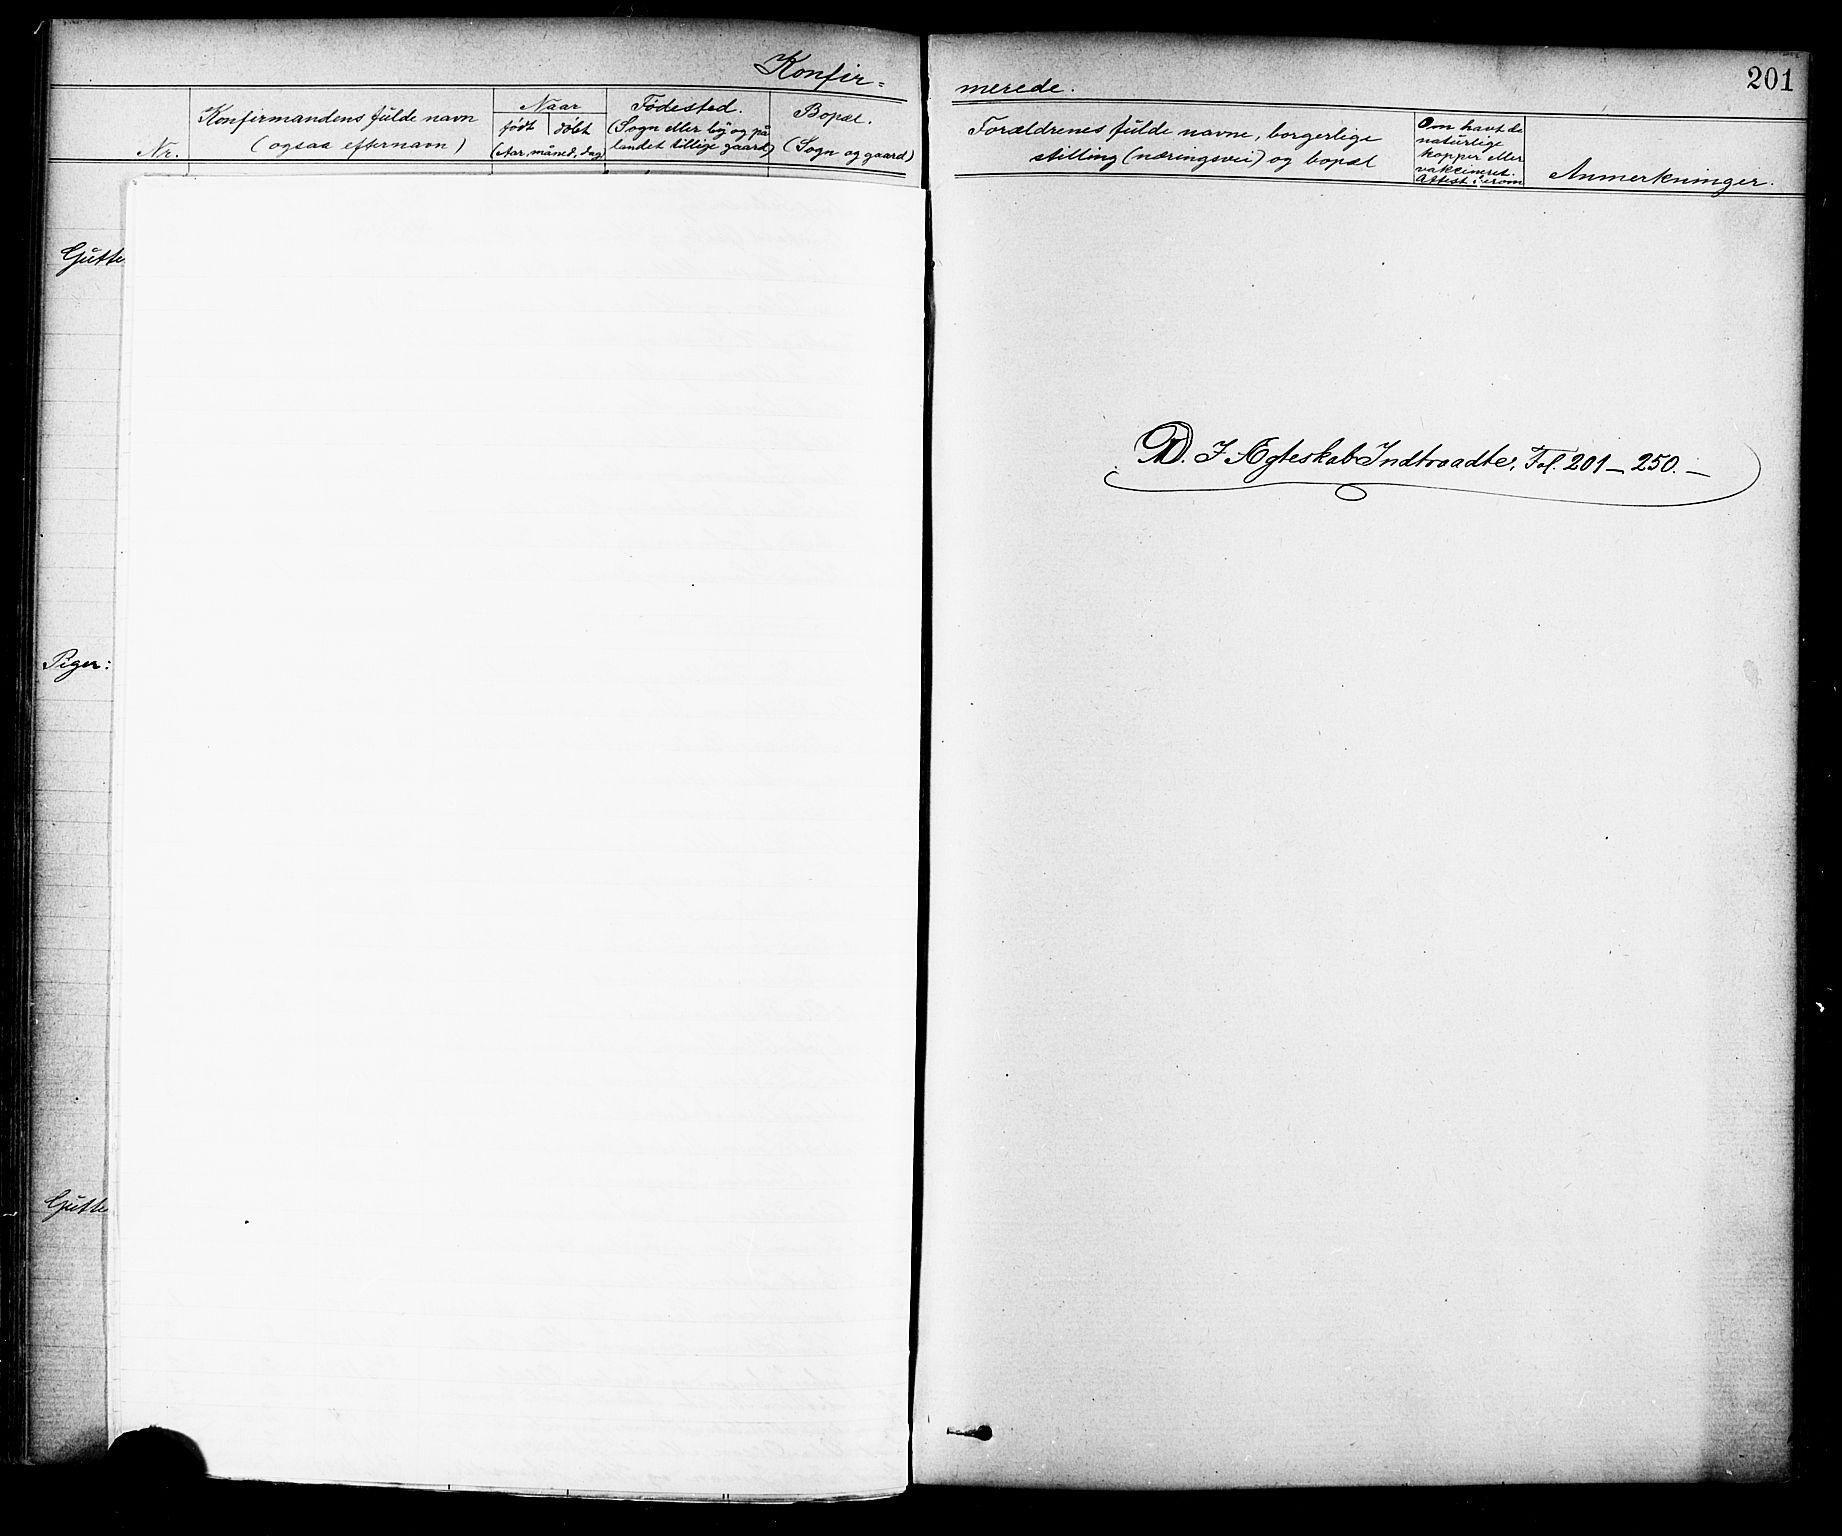 SAT, Ministerialprotokoller, klokkerbøker og fødselsregistre - Sør-Trøndelag, 691/L1094: Klokkerbok nr. 691C05, 1879-1911, s. 201m